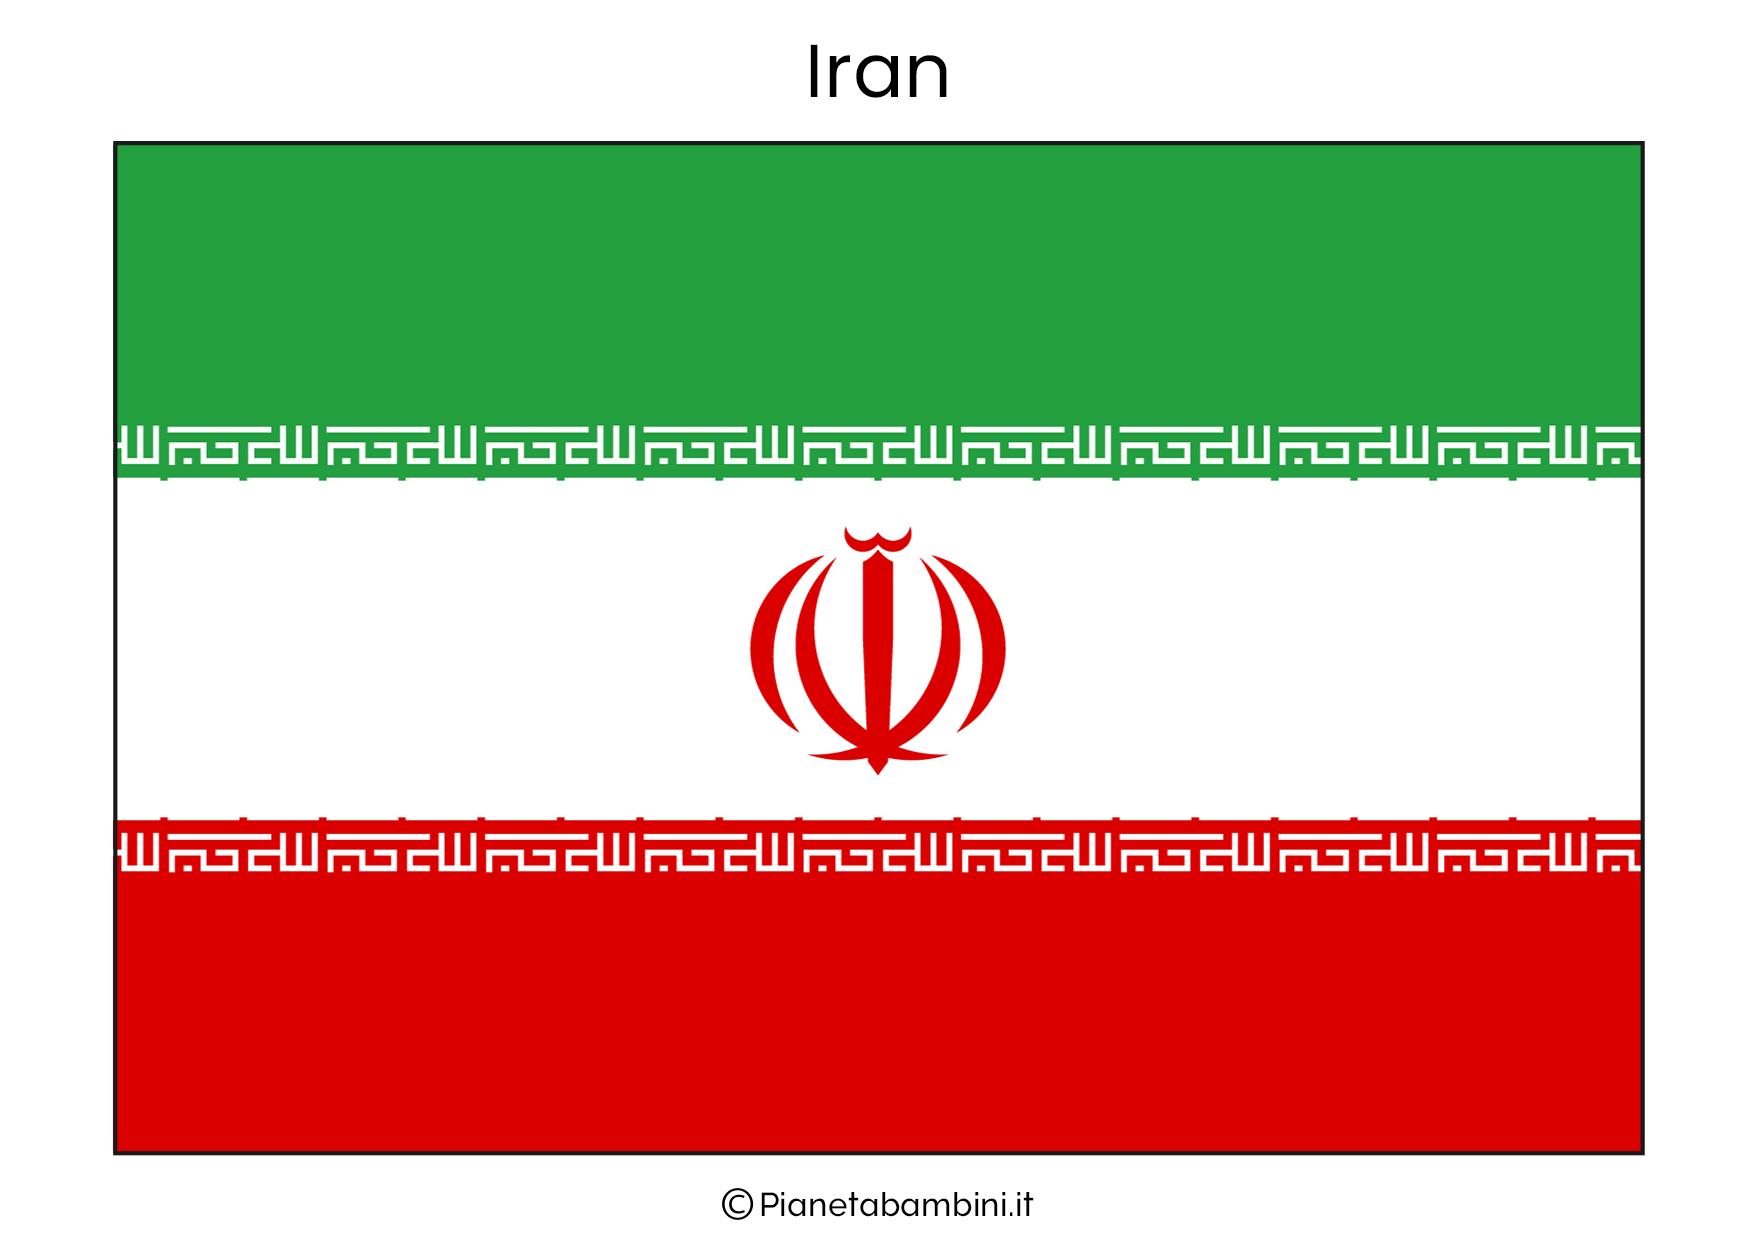 Bandiera dell'Iran da stampare